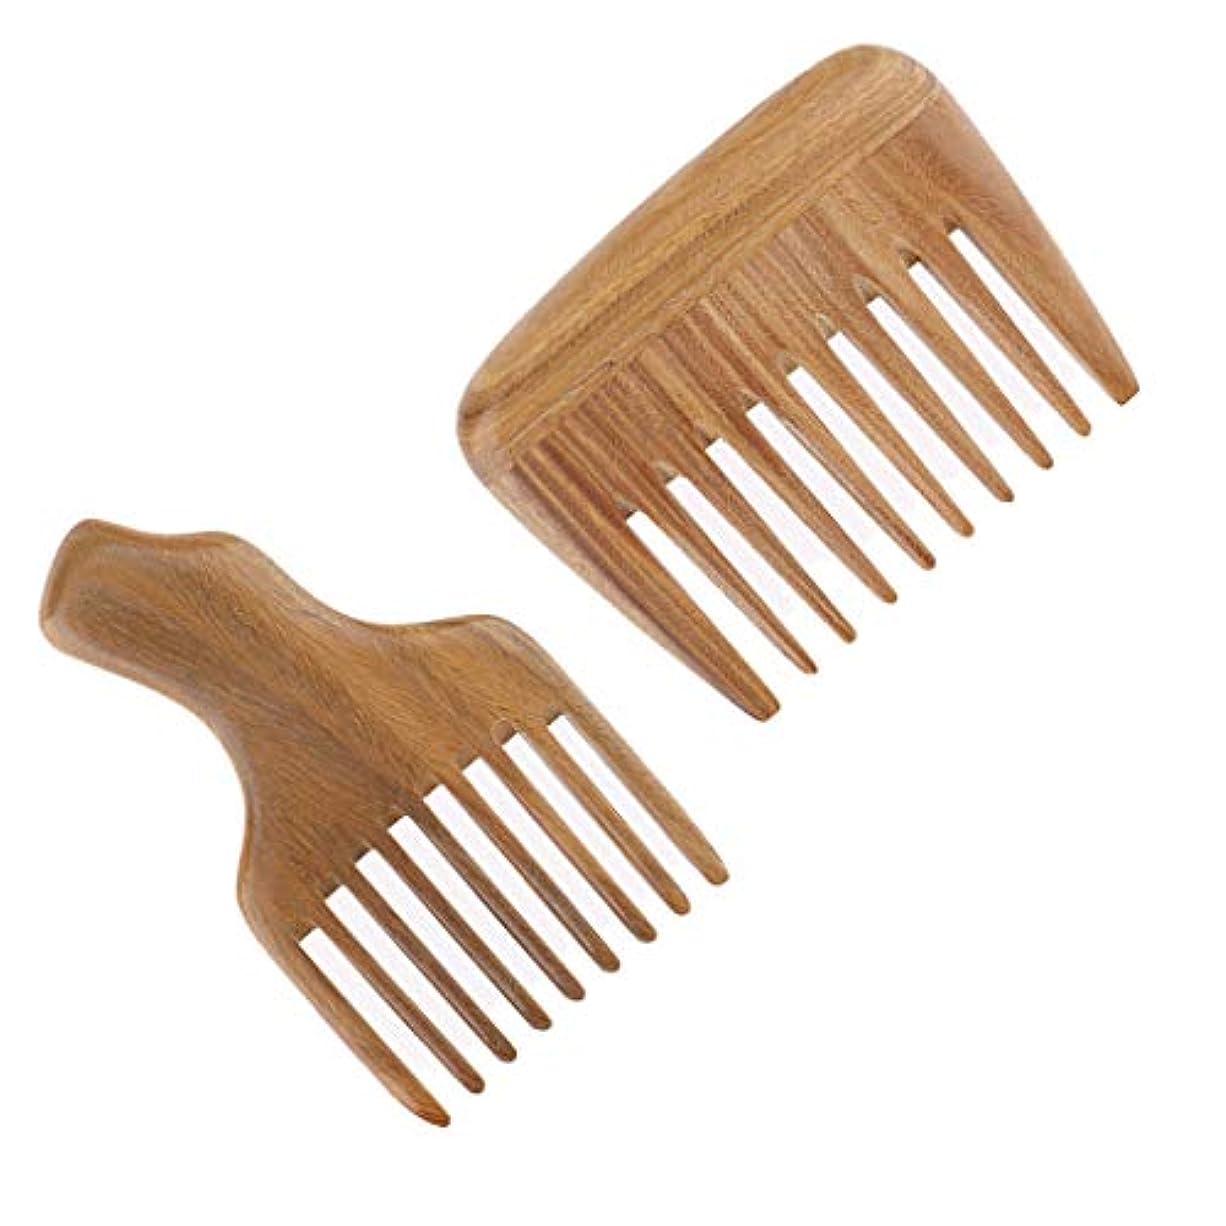 維持する抑制する罹患率T TOOYFUL 木製コーム ヘアブラシ ヘアコーム 粗い櫛 ユニセックス 理髪店 サロン アクセサリー 2個入り